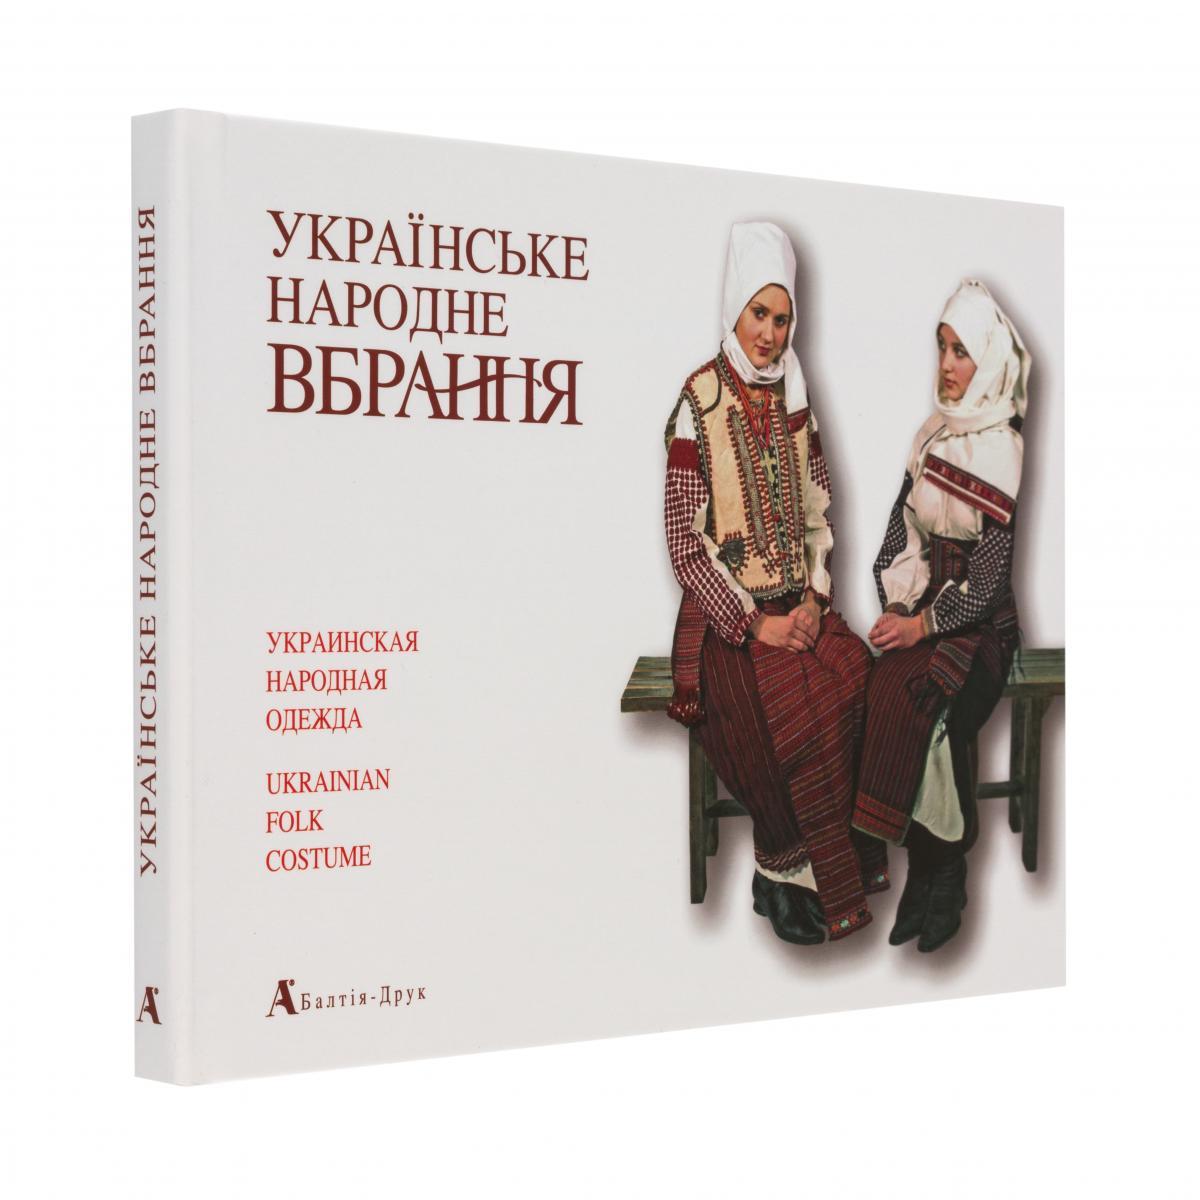 Книга Українське народне вбрання. Фото №2. | Народний дім Україна